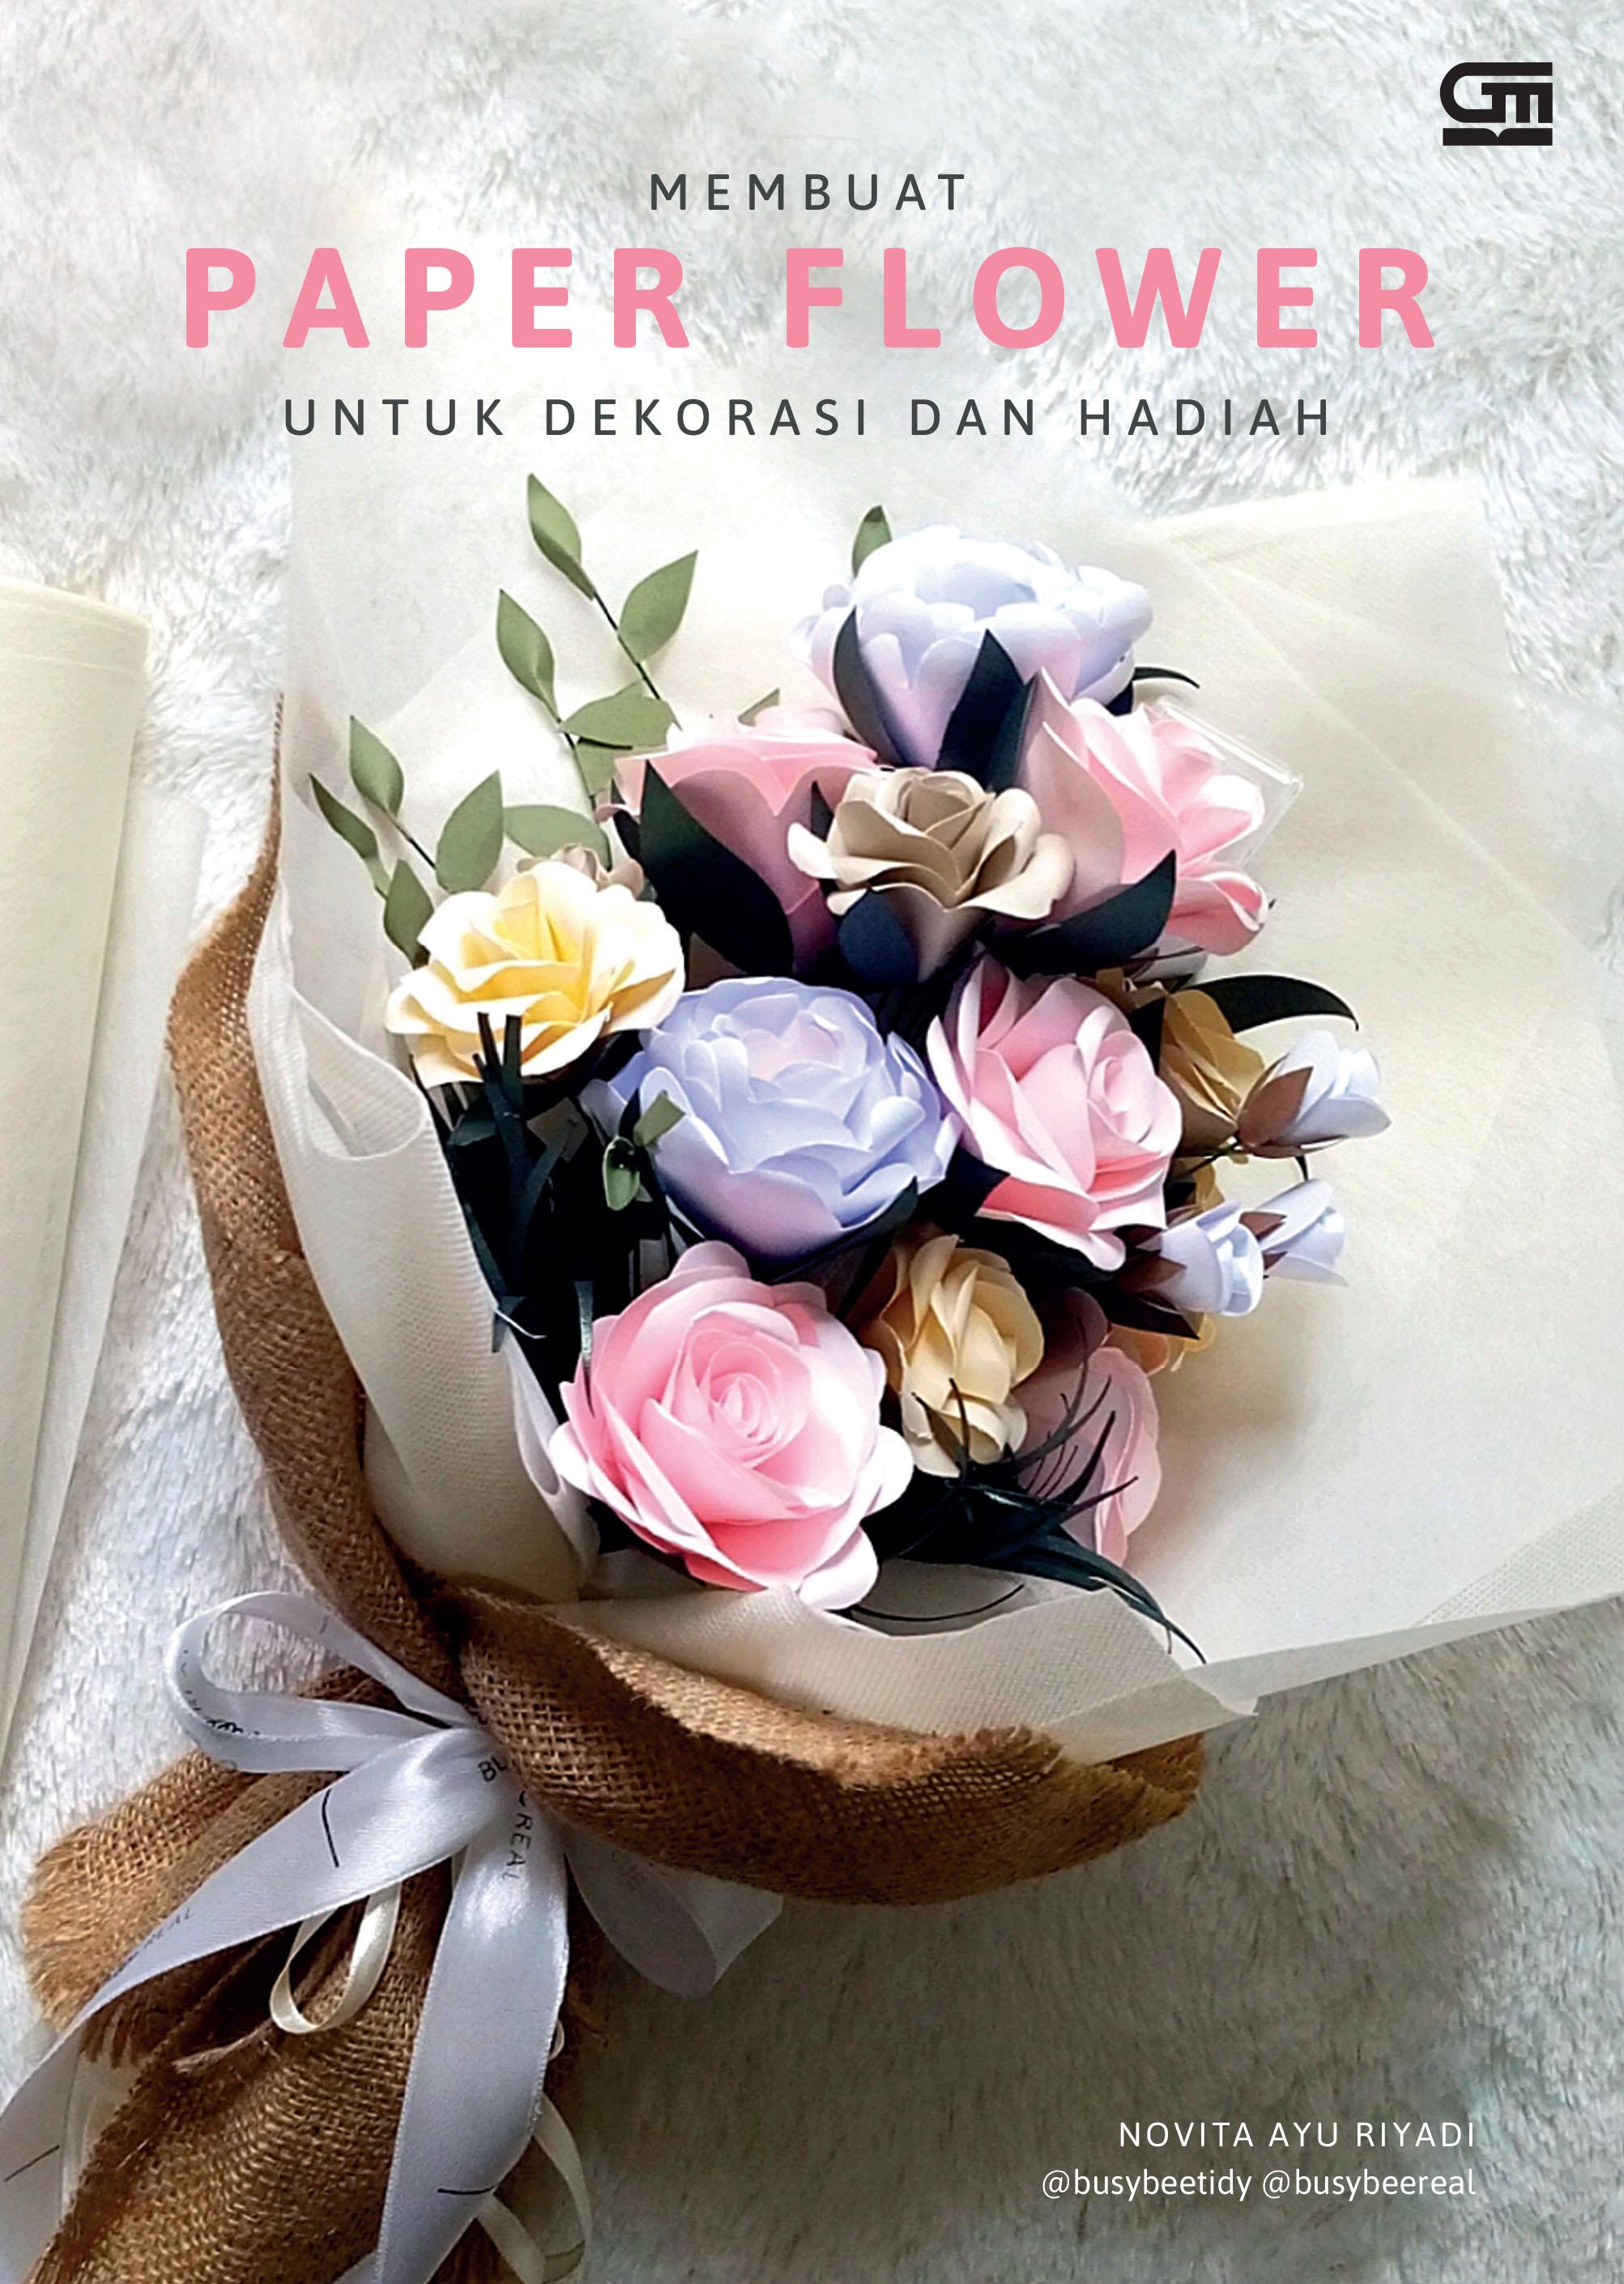 Membuat Paper Flower untuk Dekorasi dan Hadiah